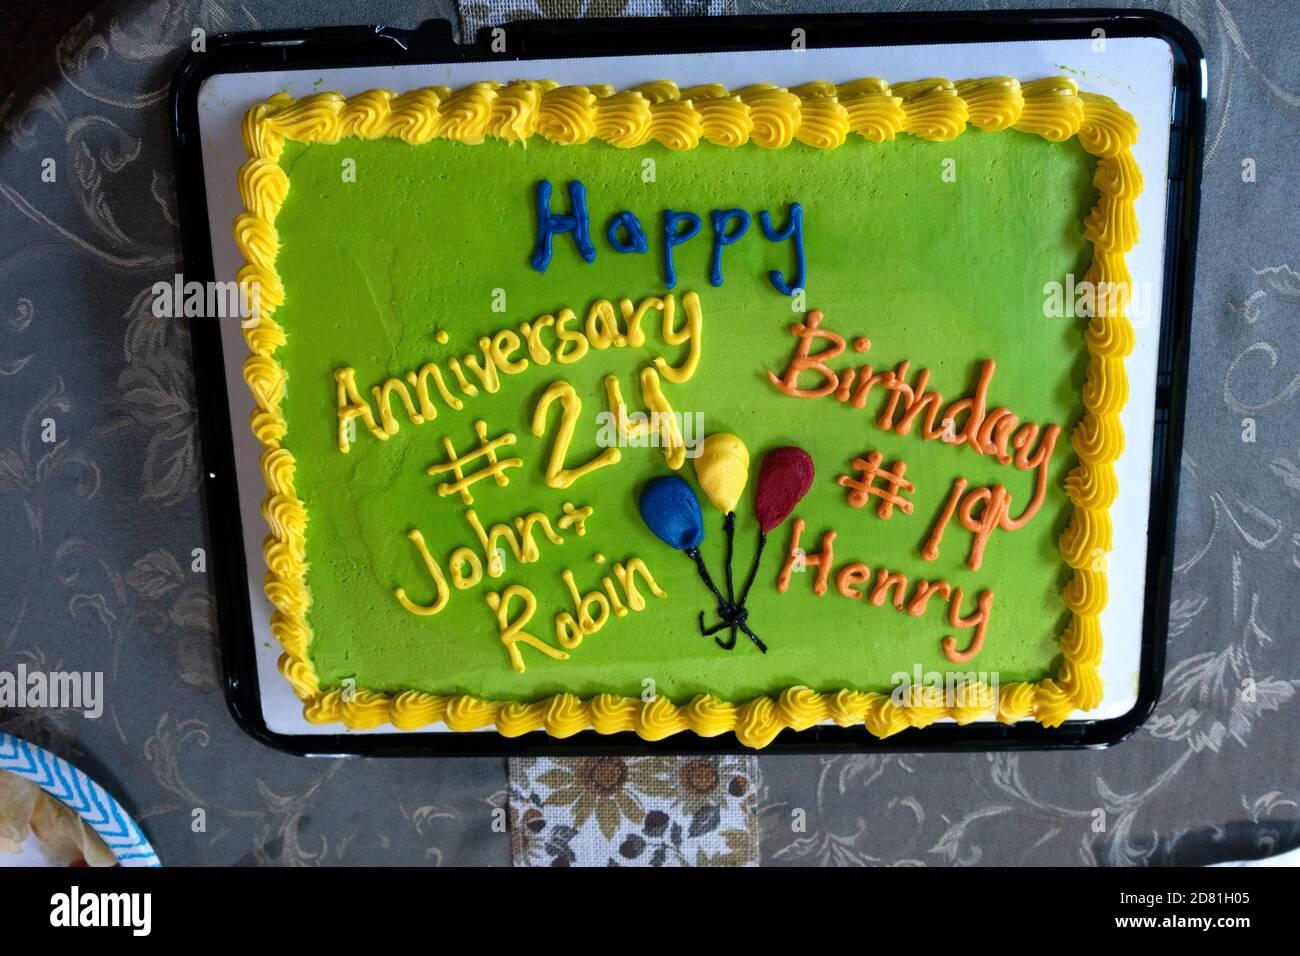 Feier mit einem grünen Kuchen zum Geburtstag und Jubiläum. Downers Grove Illinois IL USA Stockfoto